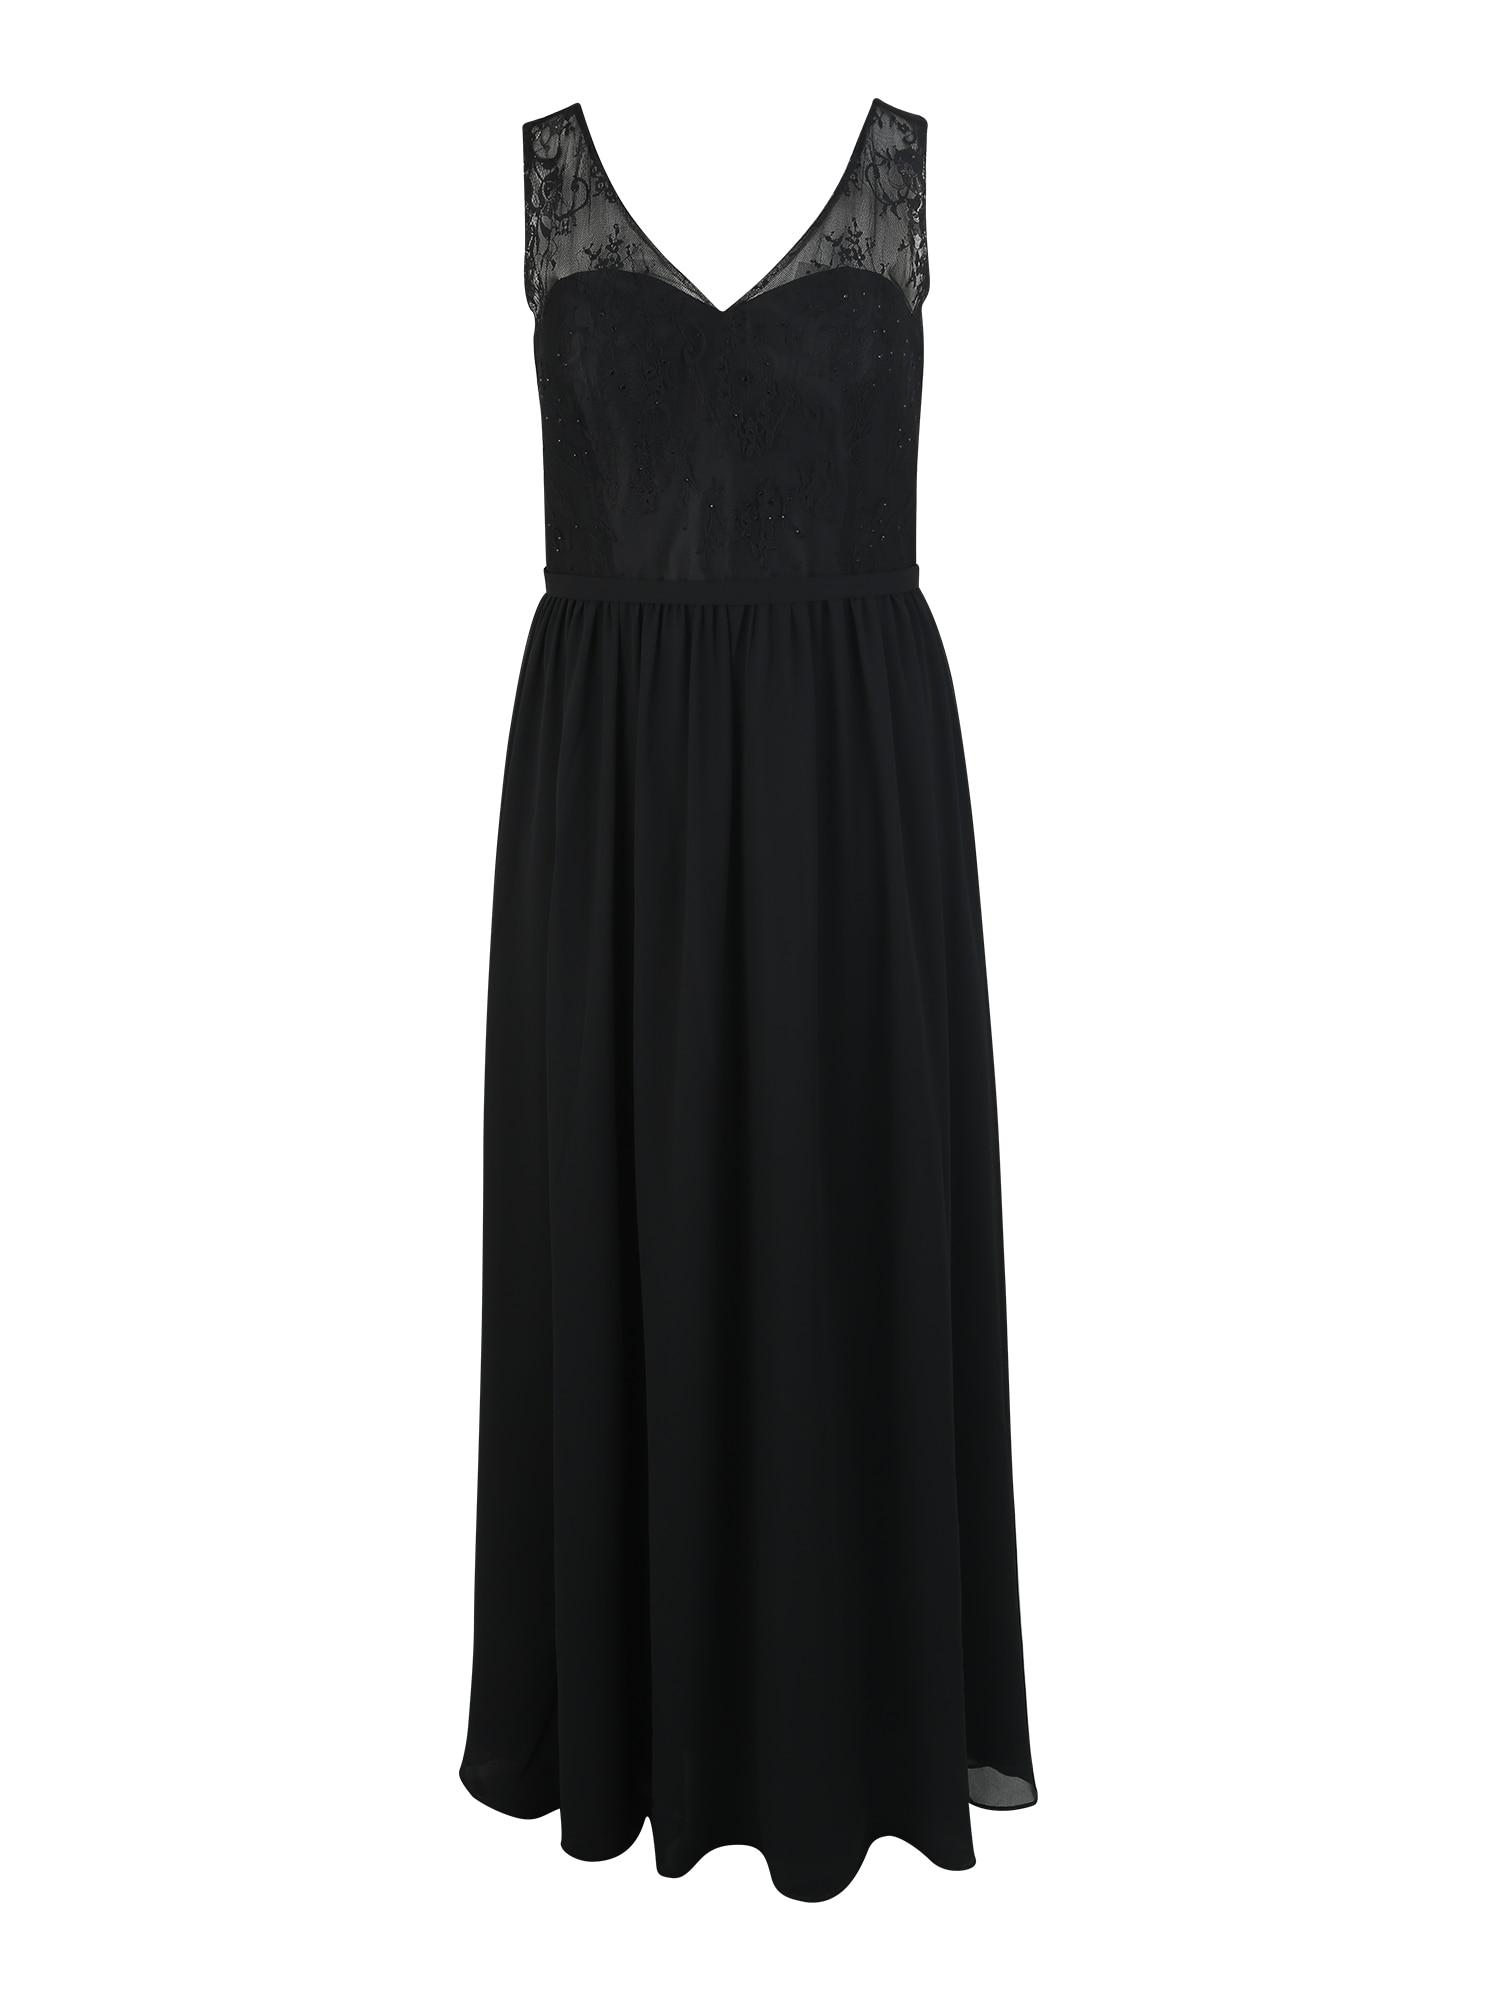 My Mascara Curves Vakarinė suknelė 'CLASSIC LACE' juoda